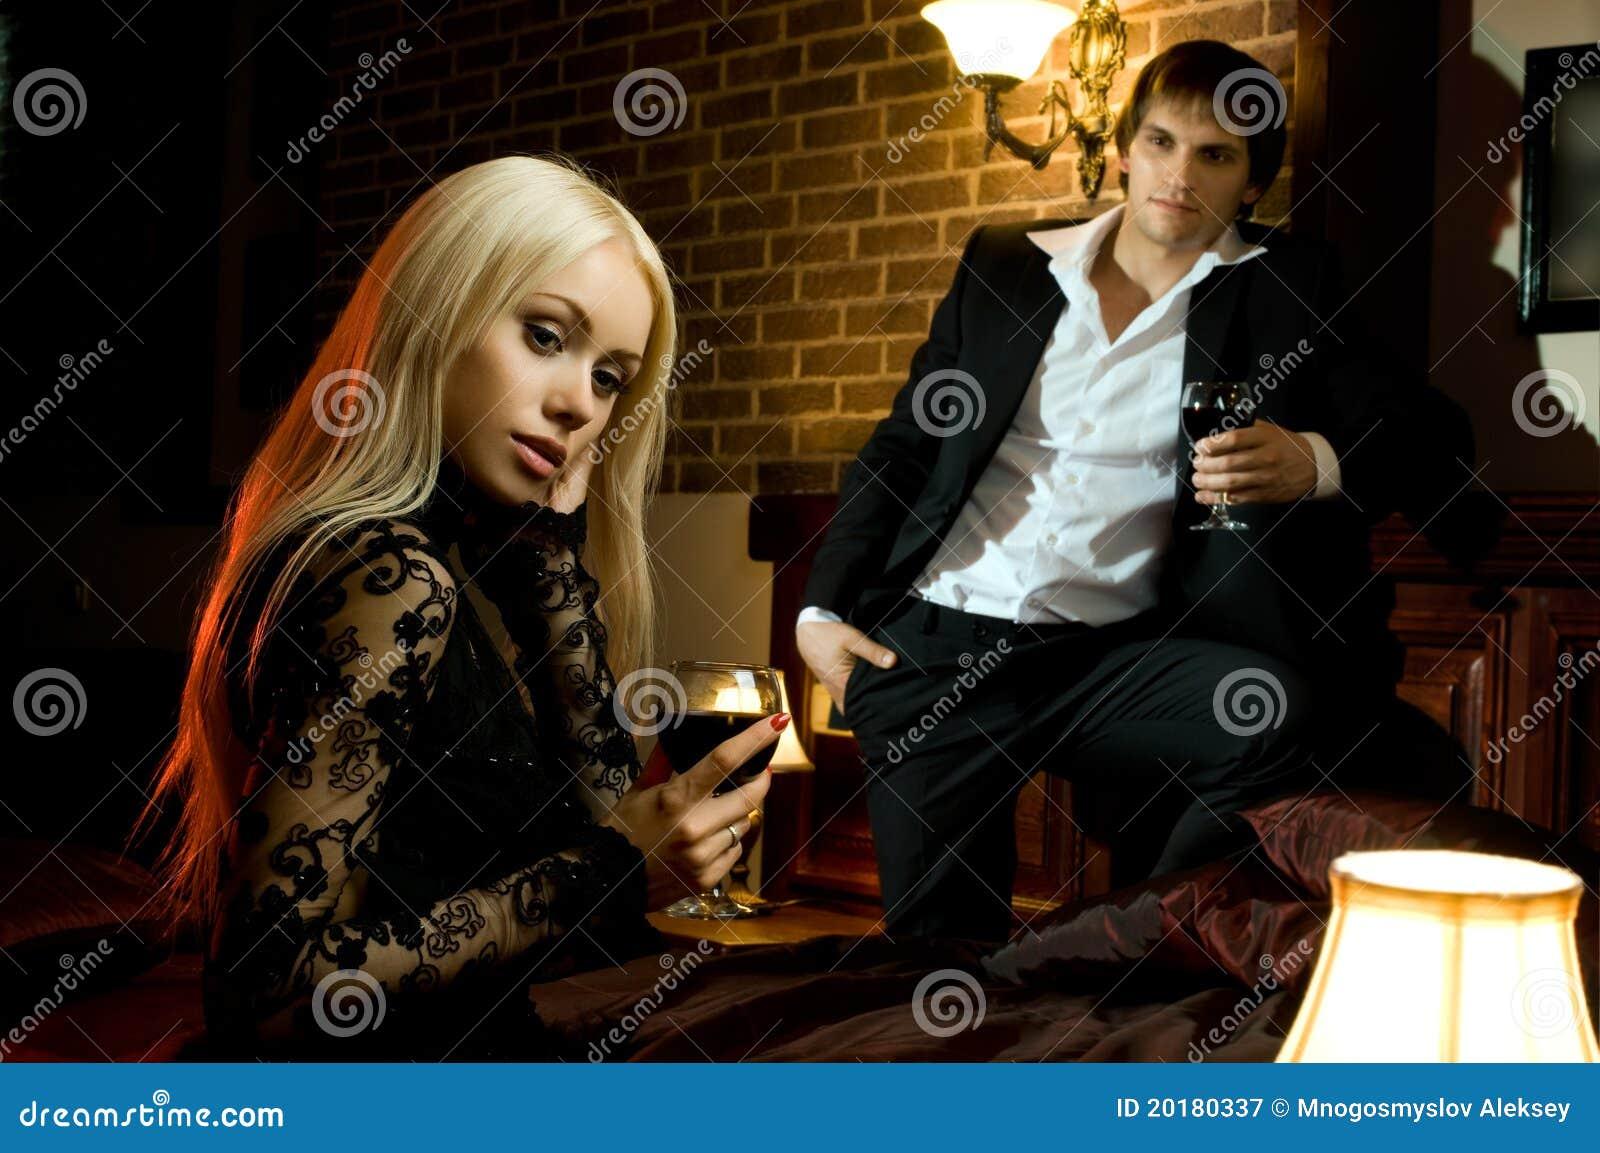 Фото пар с сайта знакомств 3 фотография